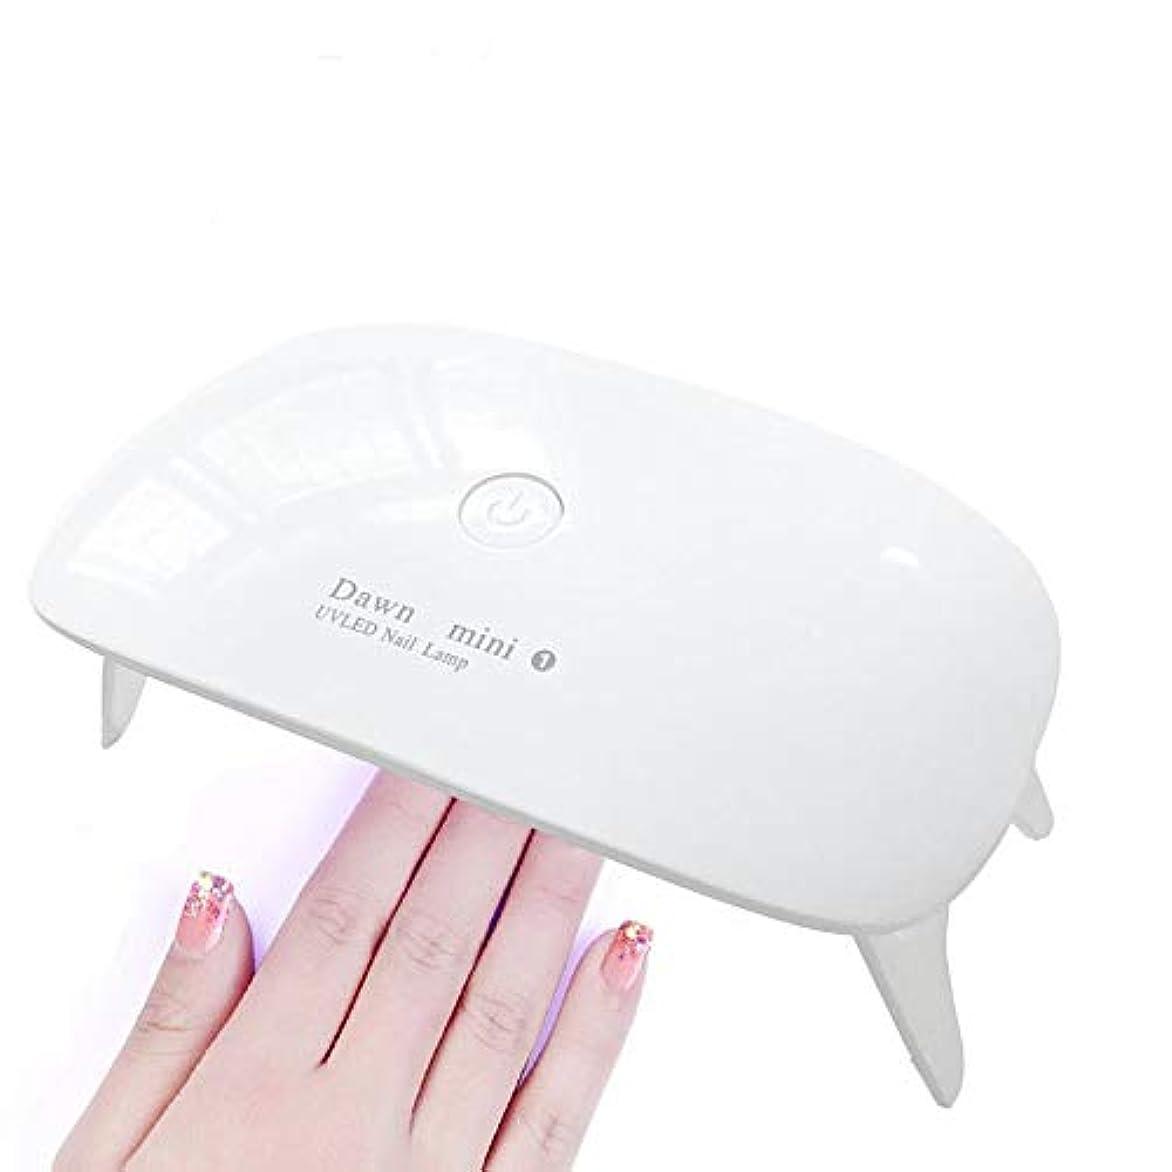 なす風が強い自分LEDネイルドライヤー UVライト レジン用 硬化ライト タイマー設定可能 折りたたみ式手足とも使える UV と LEDダブルライト ジェルネイル と レジンクラフト用